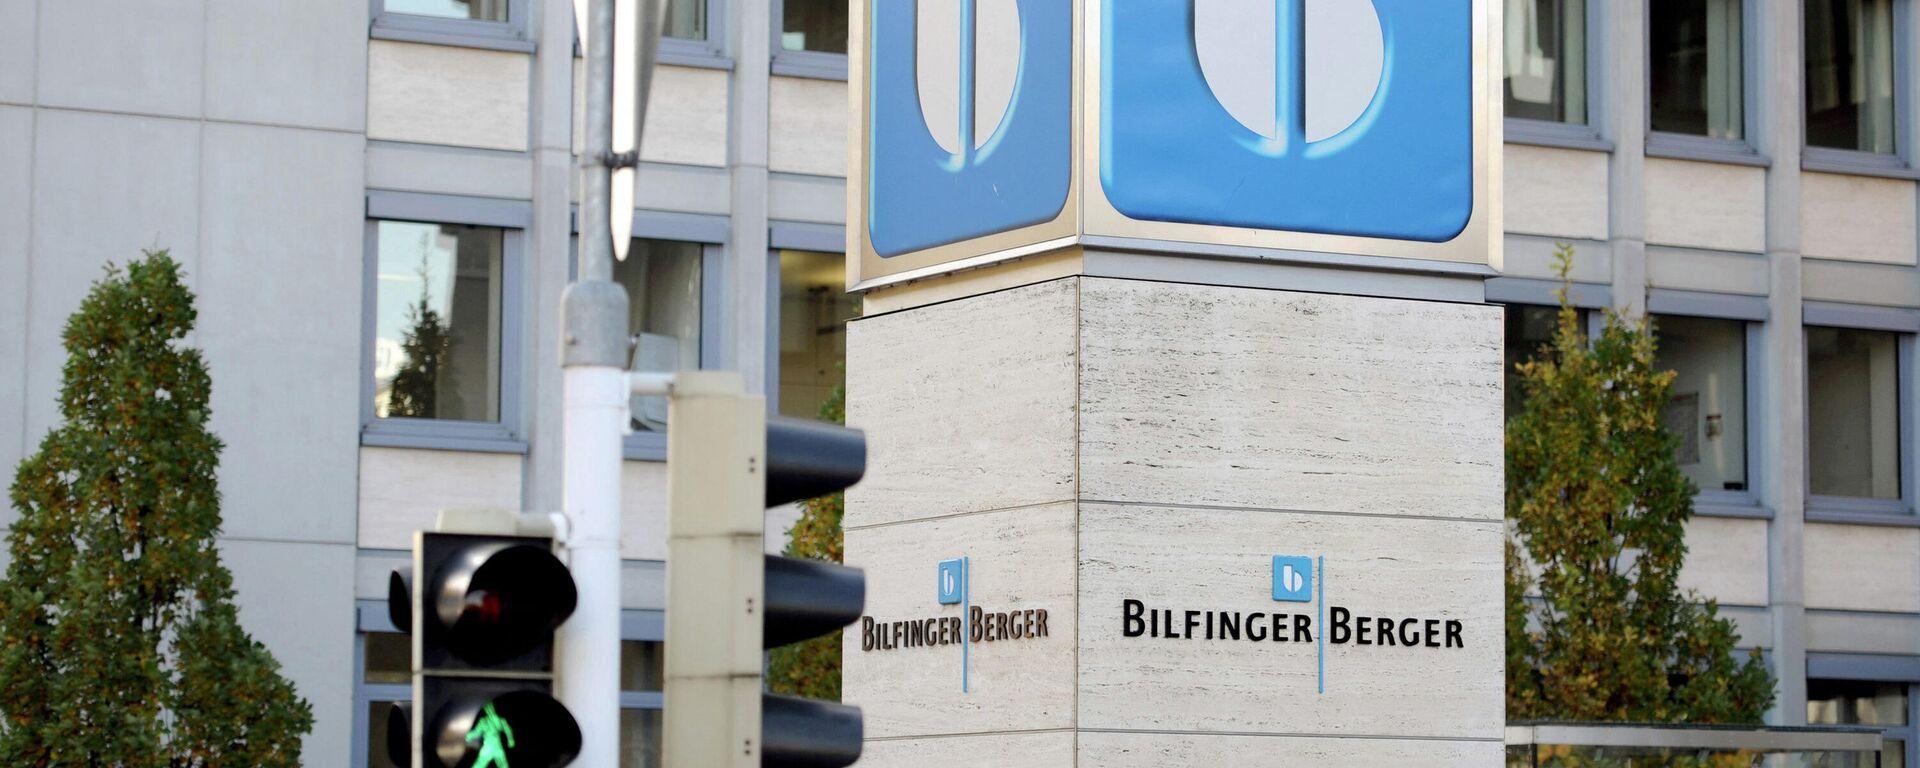 Der Hauptsitz des deutschen Bauunternehmens Bilfinger Berger ist am 29. Oktober 2010 im süddeutschen Mannheim zu sehen. - SNA, 1920, 23.02.2021